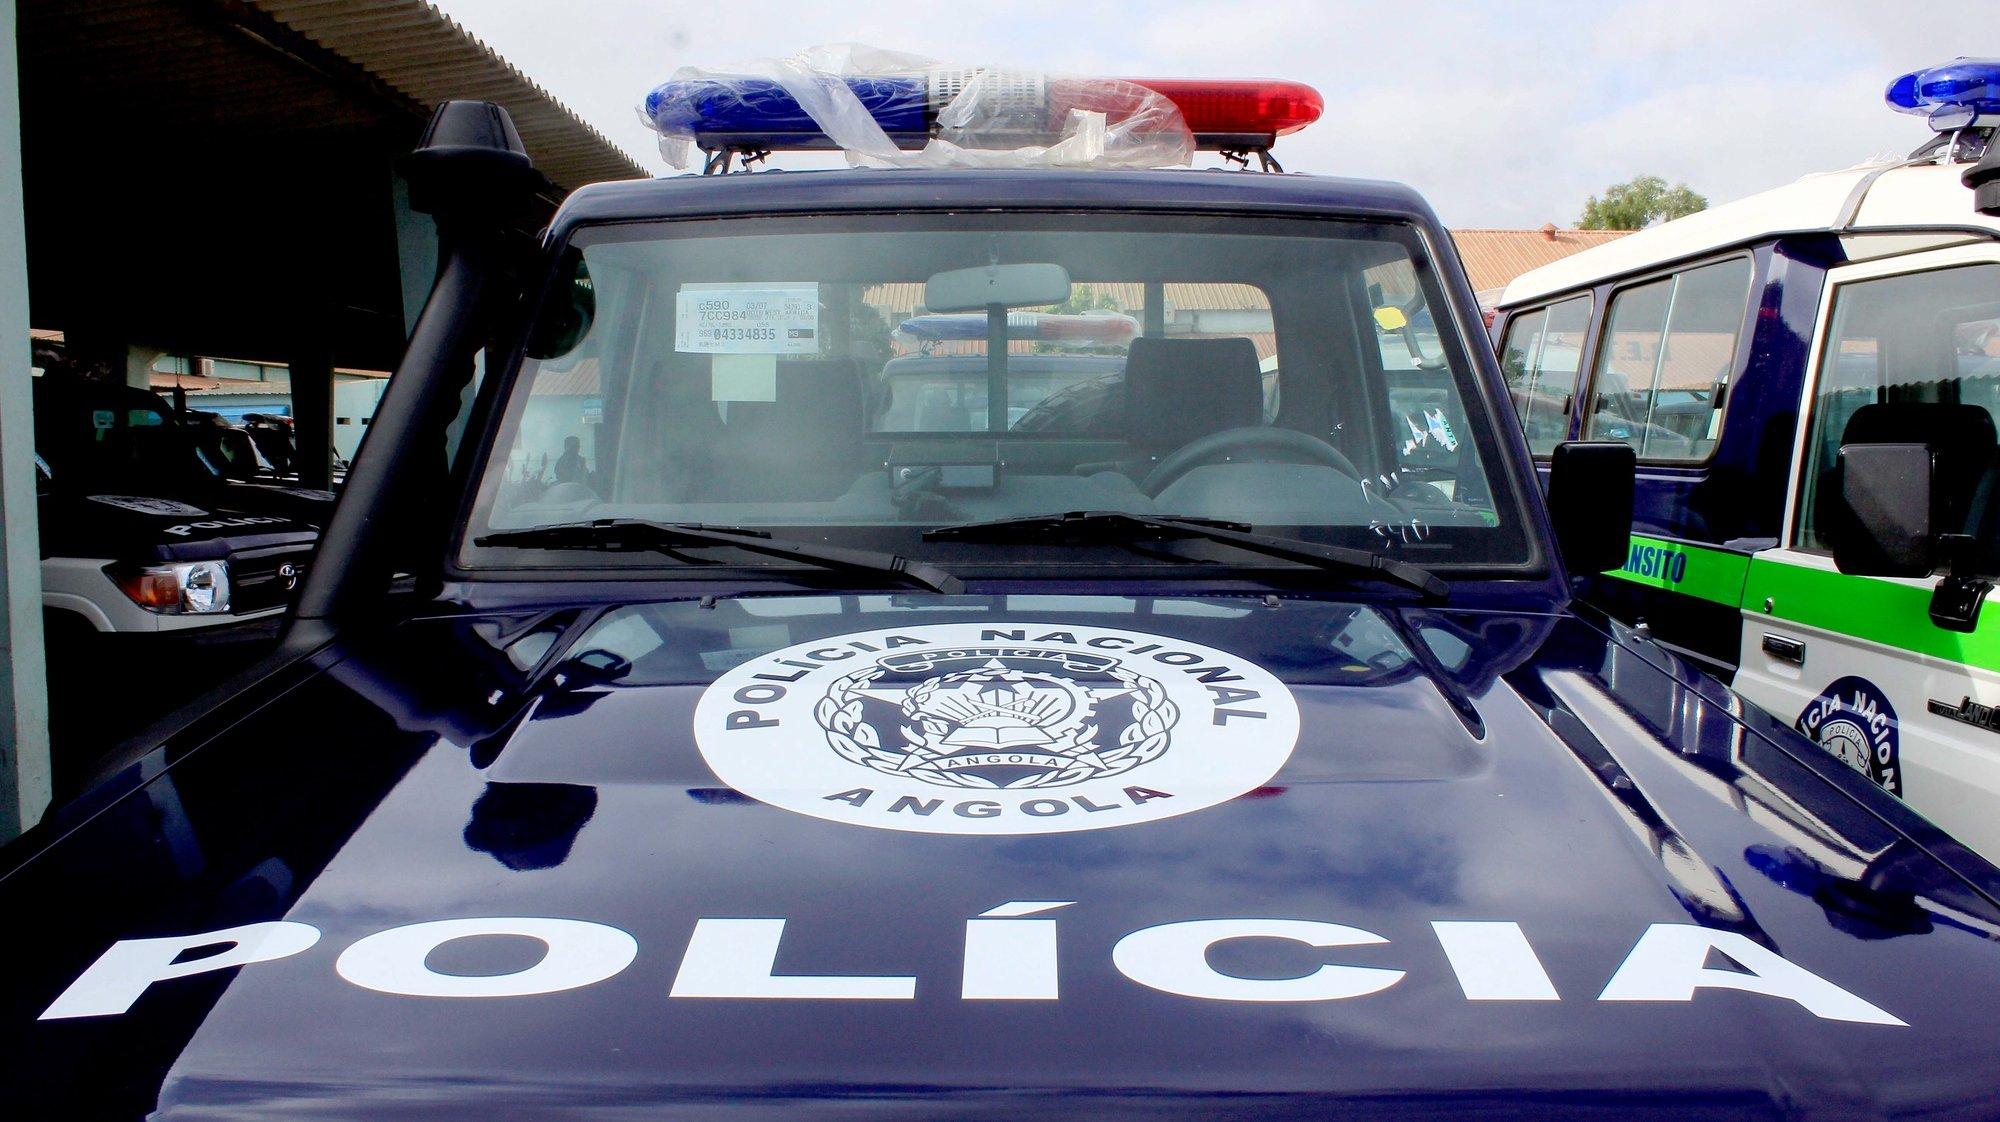 Entrega de viaturas à polícia em cerimónia presidida pelo ministro do Interior angolano, Ângelo de Barros Veiga Tavares (ausente da foto), no âmbito da prevenção e combate à criminalidade, Luanda, Angola, 4 de dezembro de 2018.  AMPE ROGÉRIO/LUSA